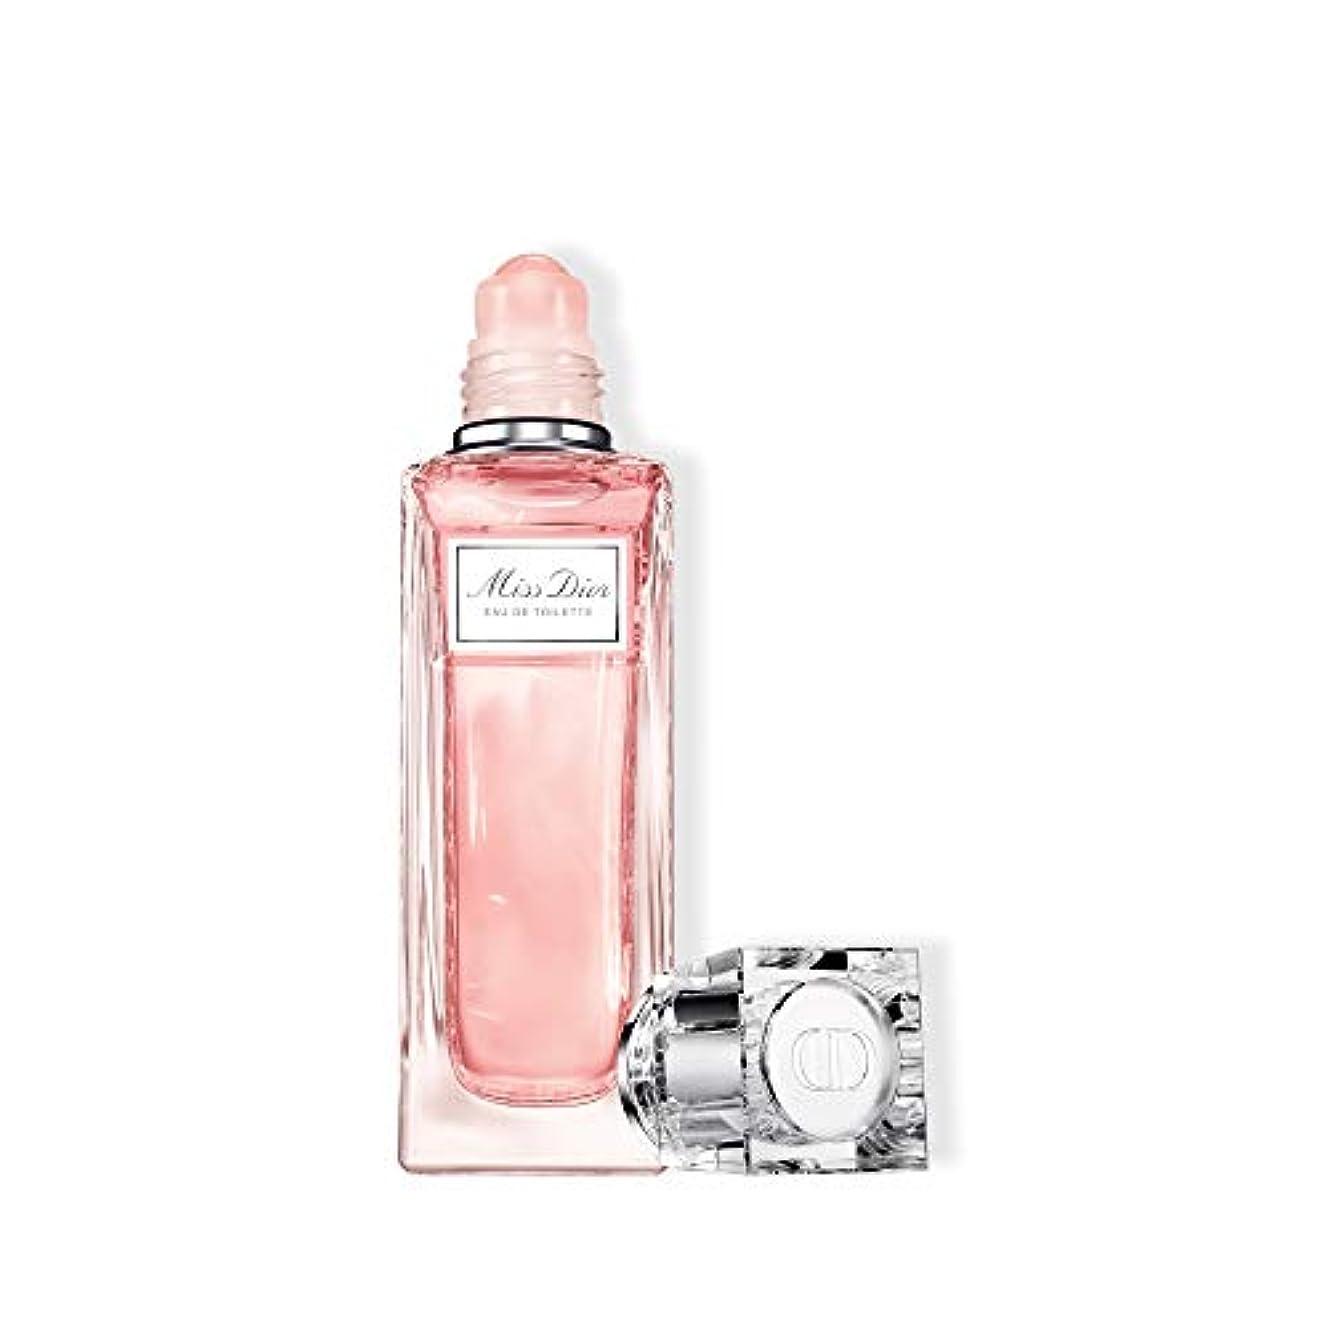 ようこそテクニカルコック【国内正規品】Dior ディオール ミス ディオール オードゥ トワレ EDT ローラー パール 20ml